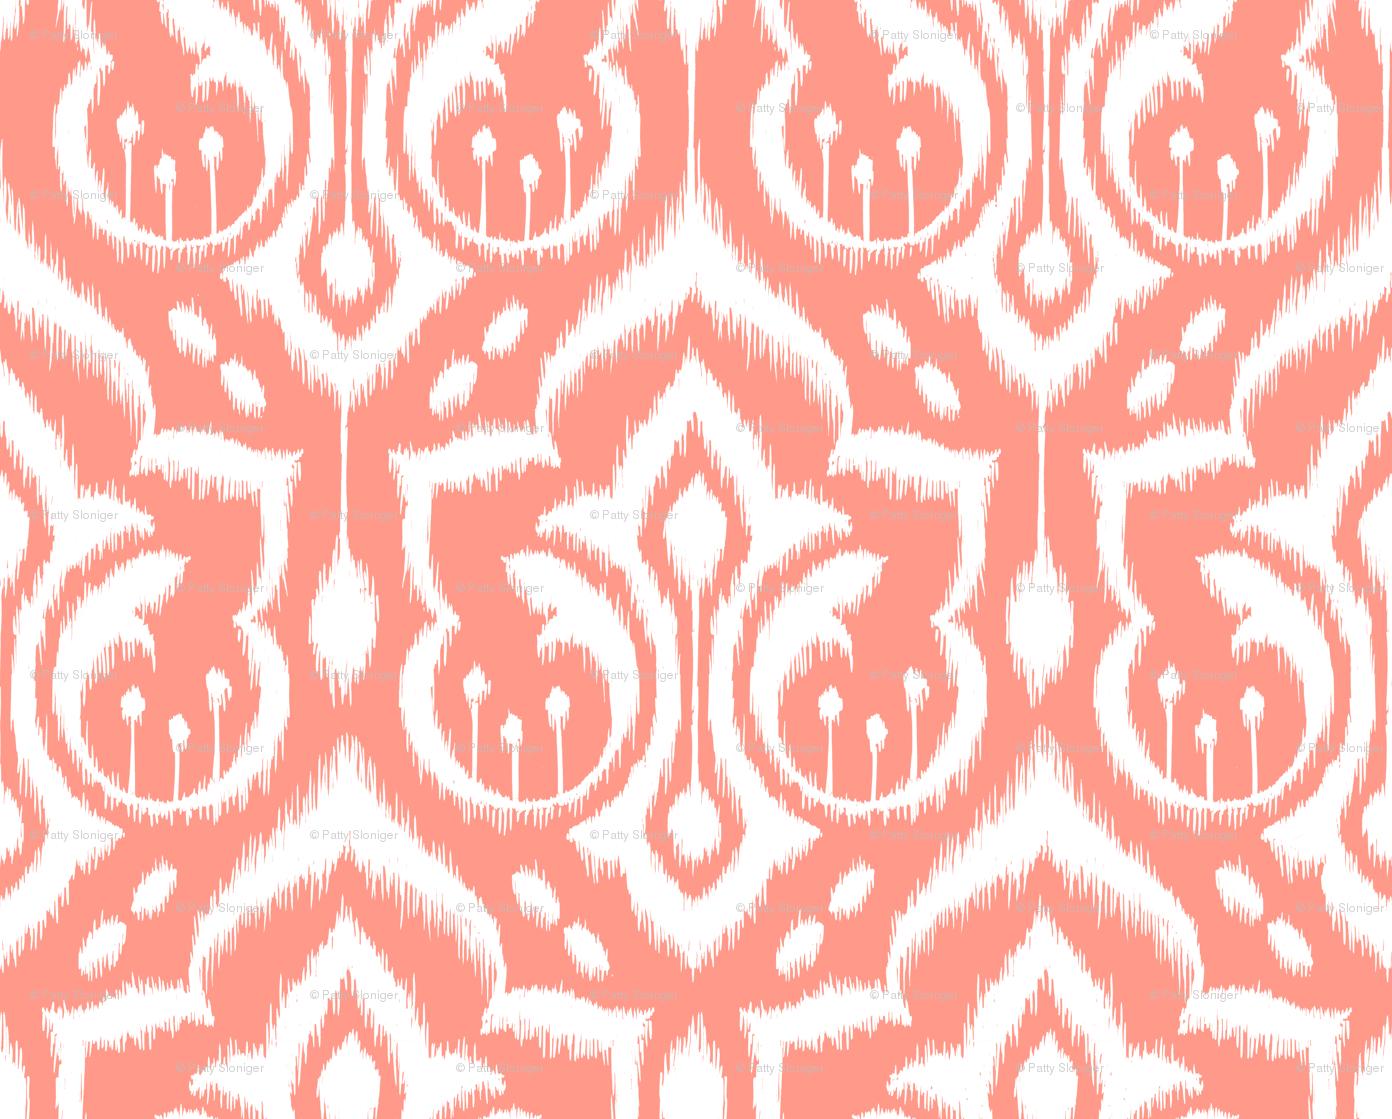 Coral Chevron Wallpaper Wallpapersafari HD Wallpapers Download Free Images Wallpaper [1000image.com]